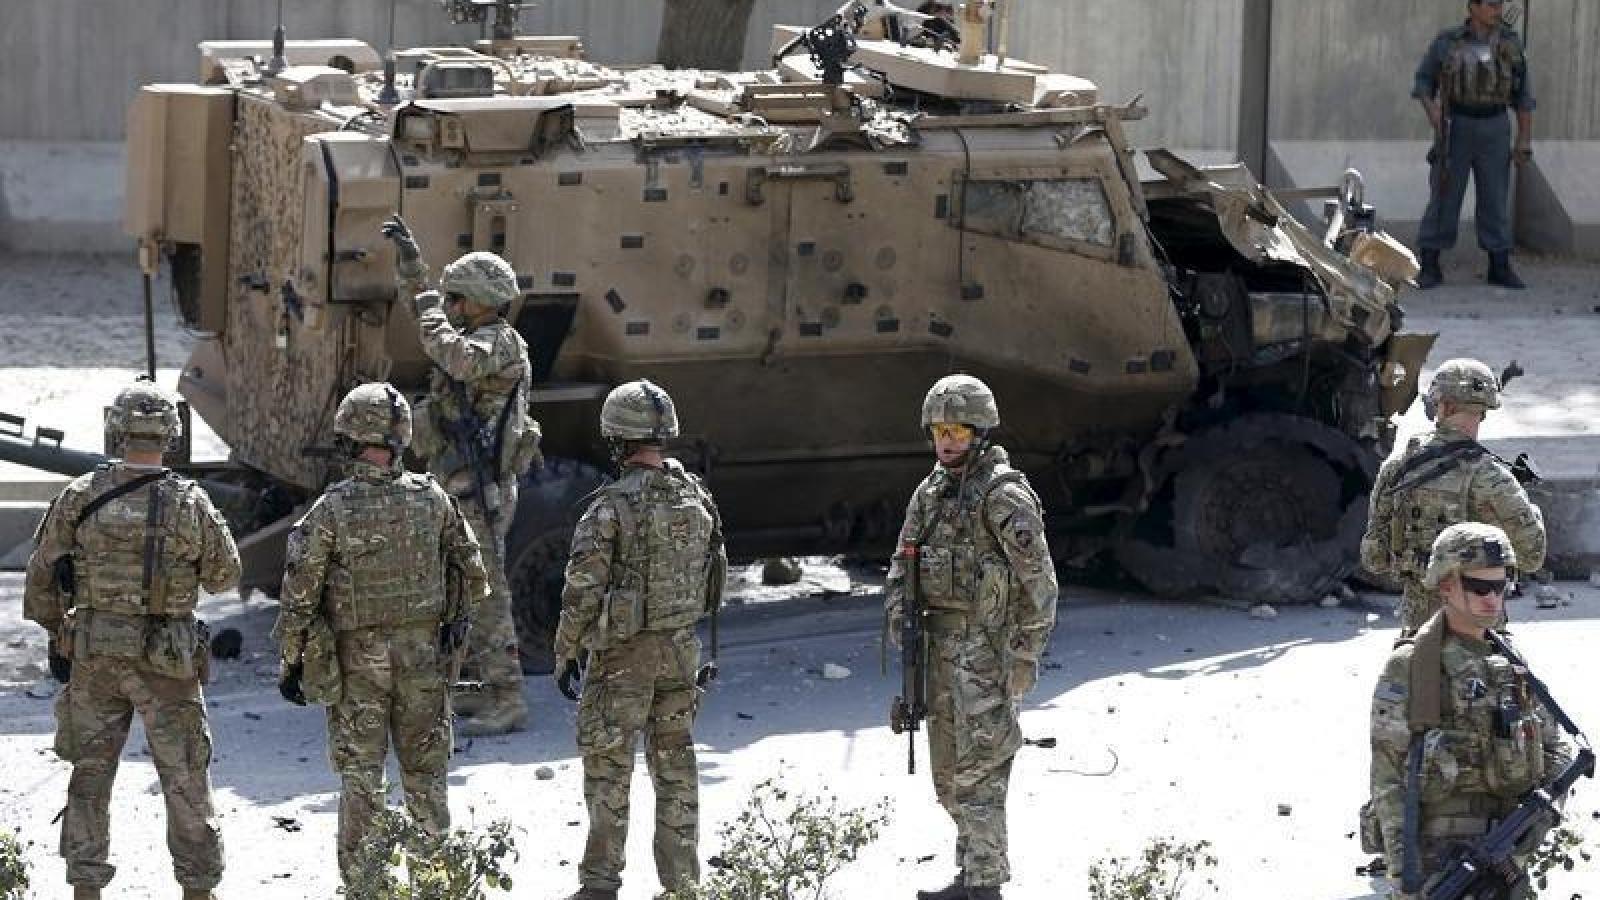 NATO duy trì hiện diện tại Afghanistan, các nước láng giềng chuẩn bị cho làn sóng di cư